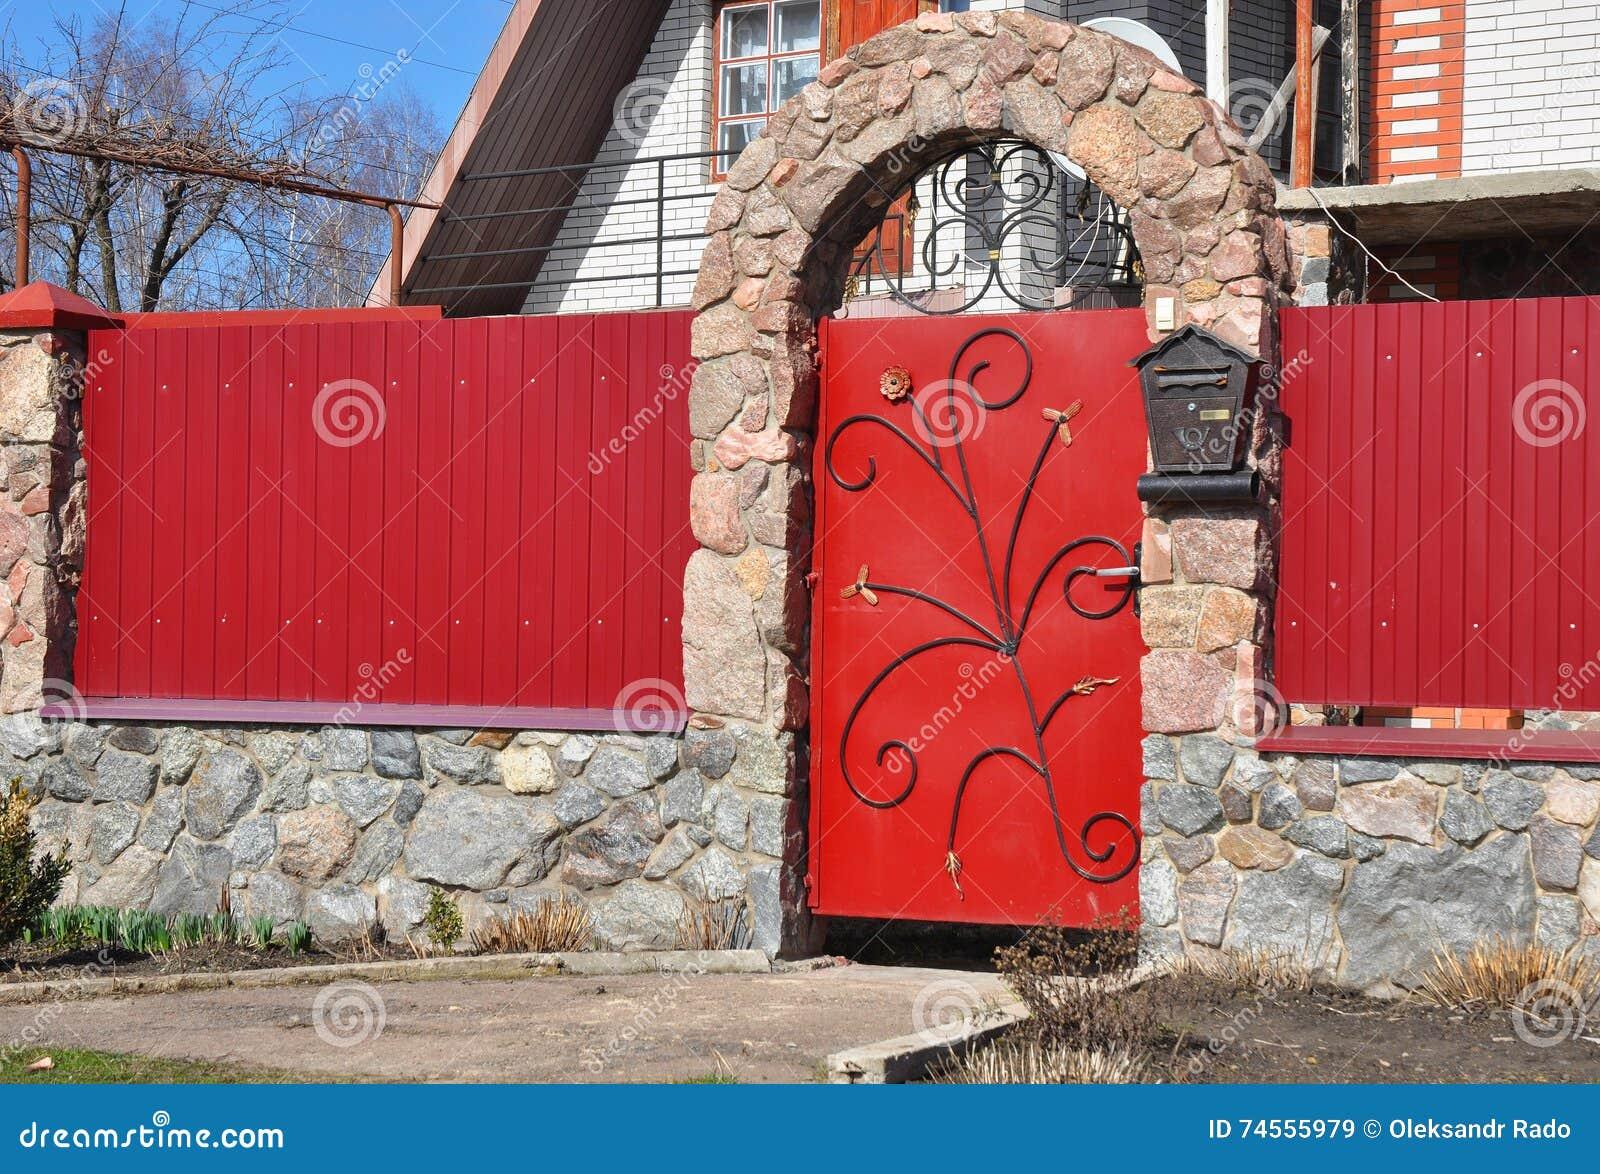 Stein Und Metallroter Zaun Mit Tur Stockbild Bild Von Modern